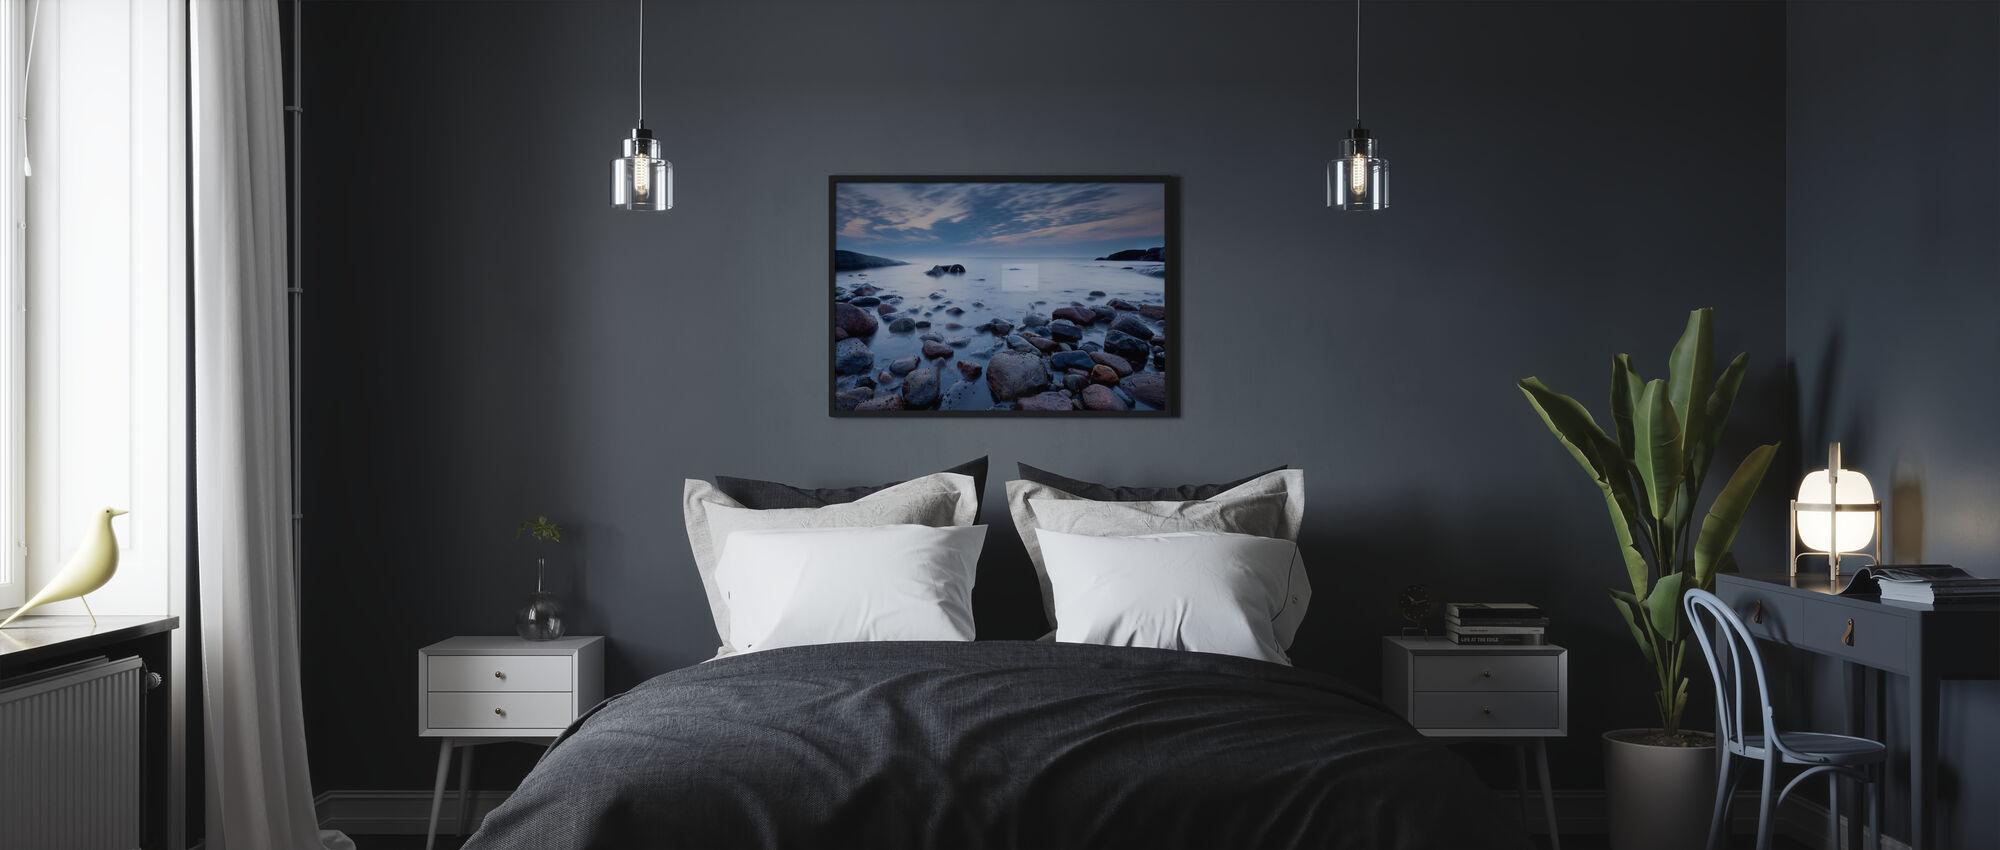 Mystic Ocean - Poster - Bedroom